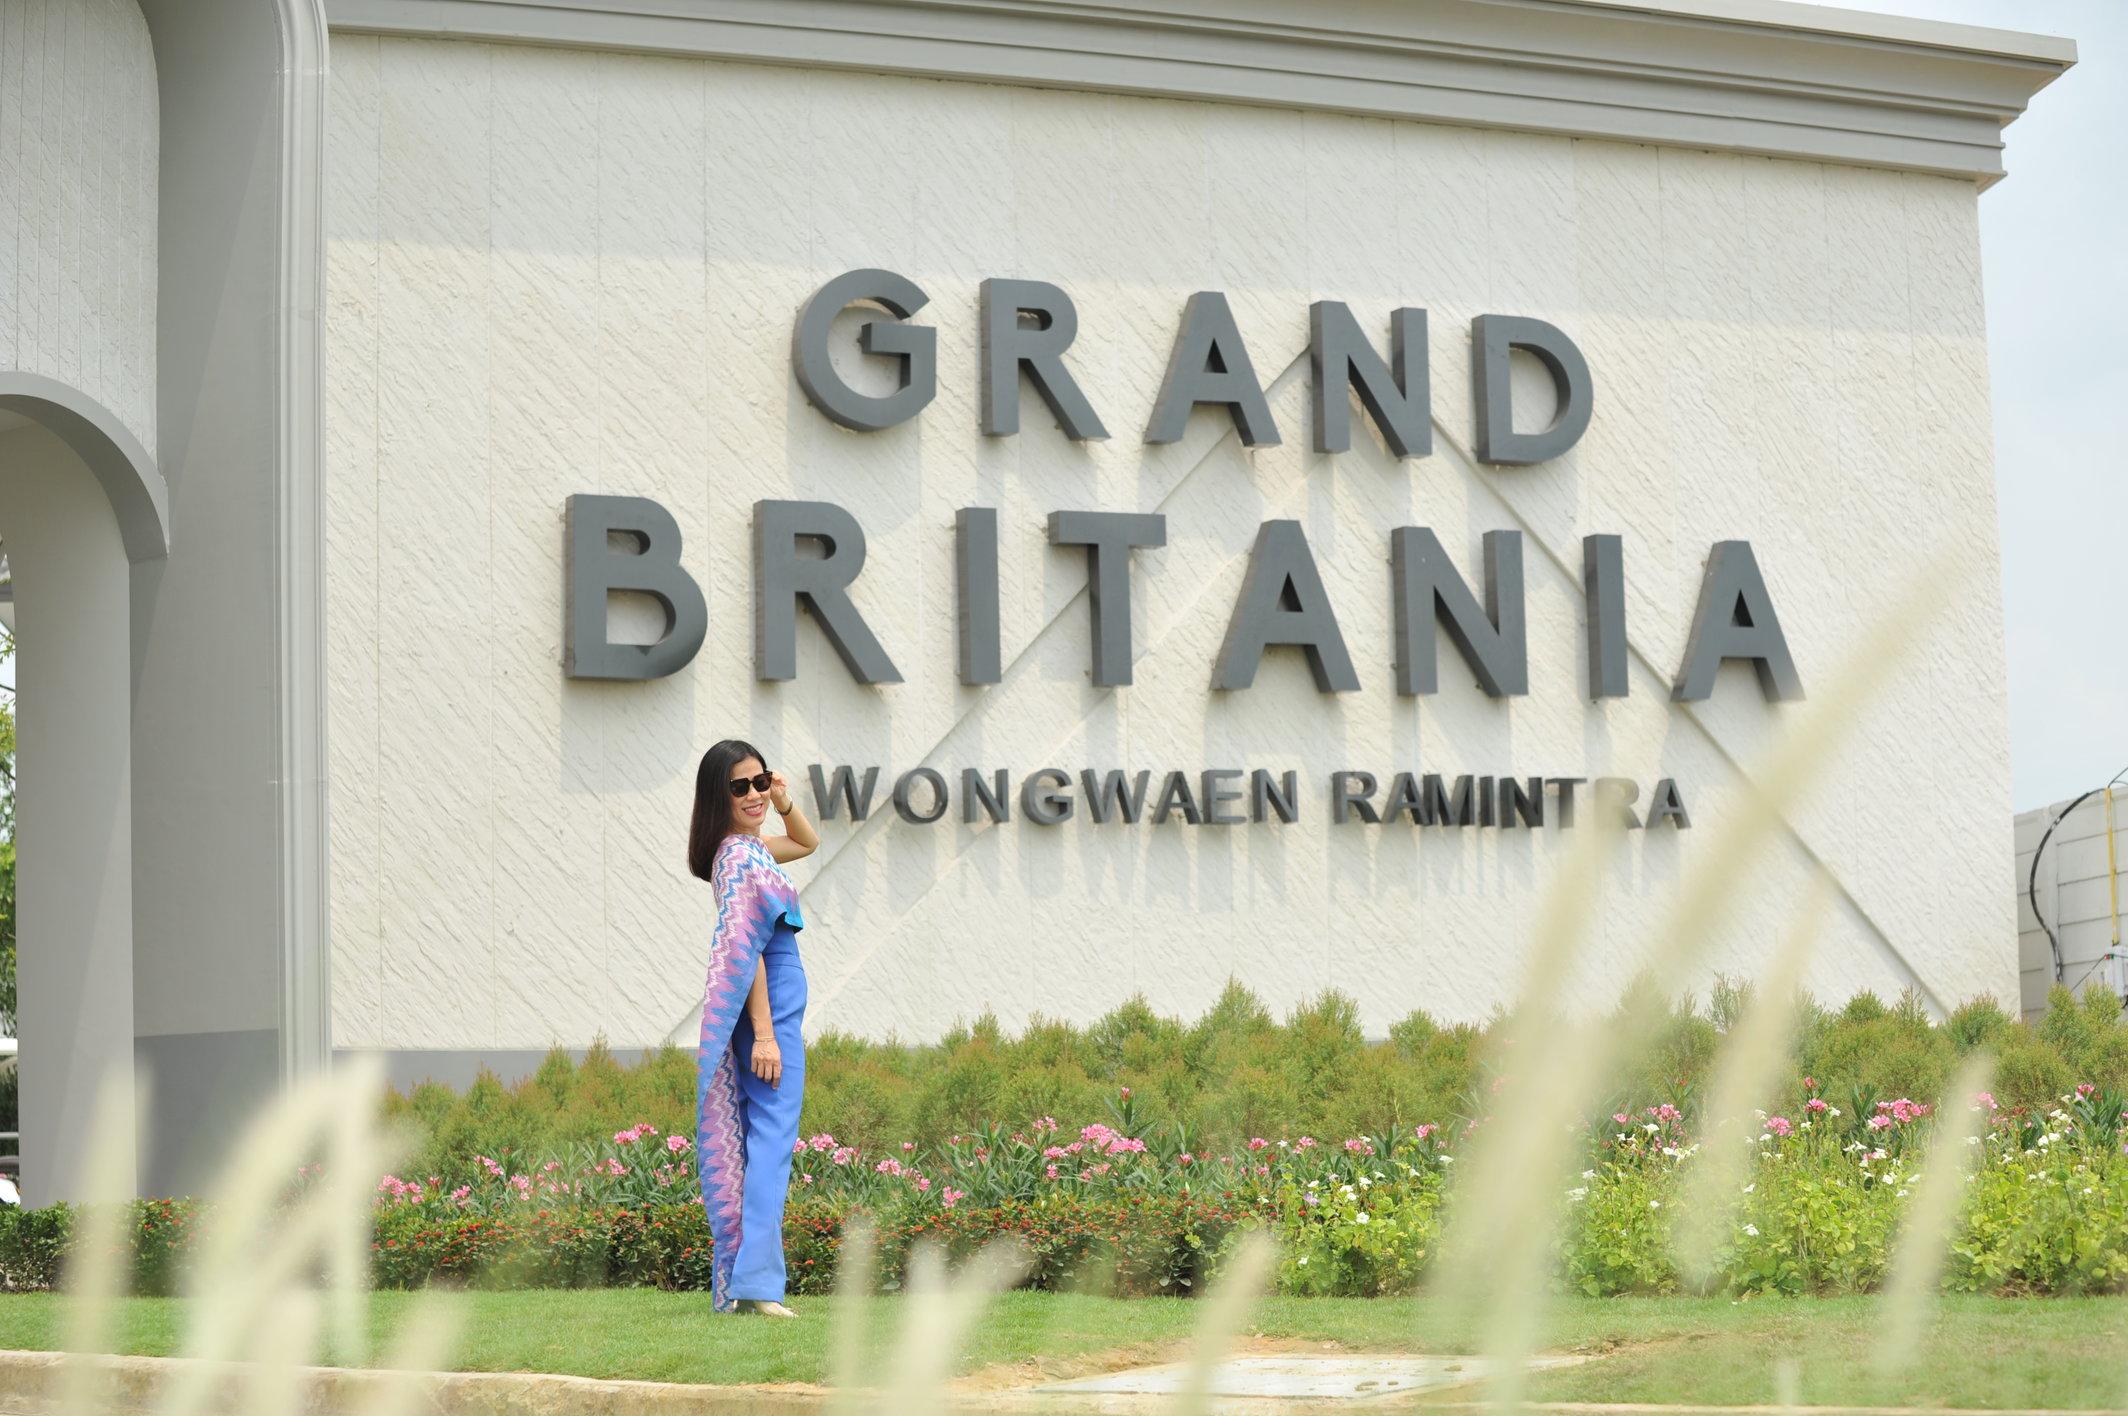 """แกรนด์ บริทาเนีย วงแหวน รามอินทรา """"บ้าน"""" ที่ให้คุณได้ใช้ชีวิตในแบบที่รัก"""